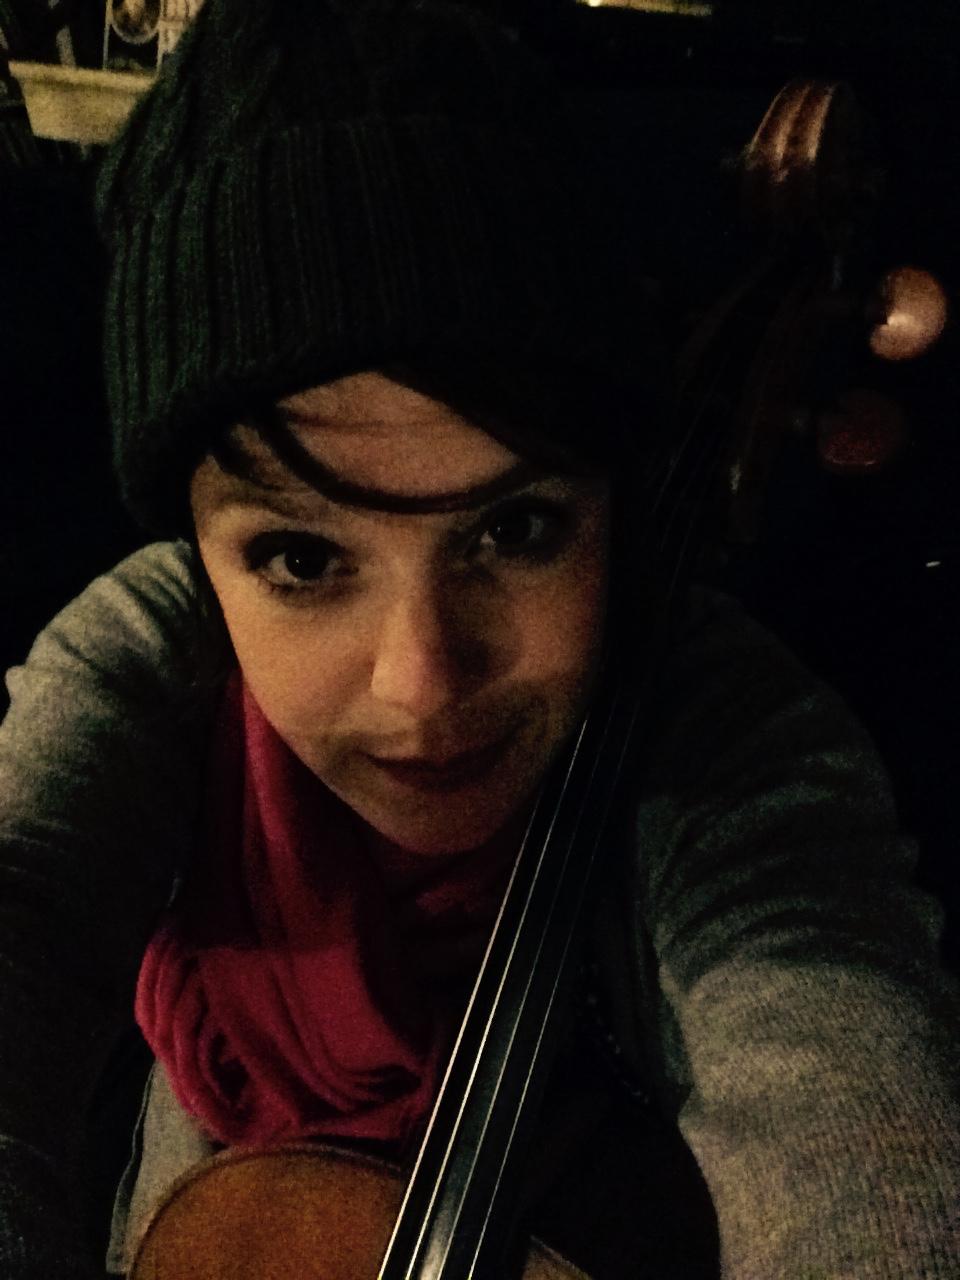 violoncelliste cherche résidence